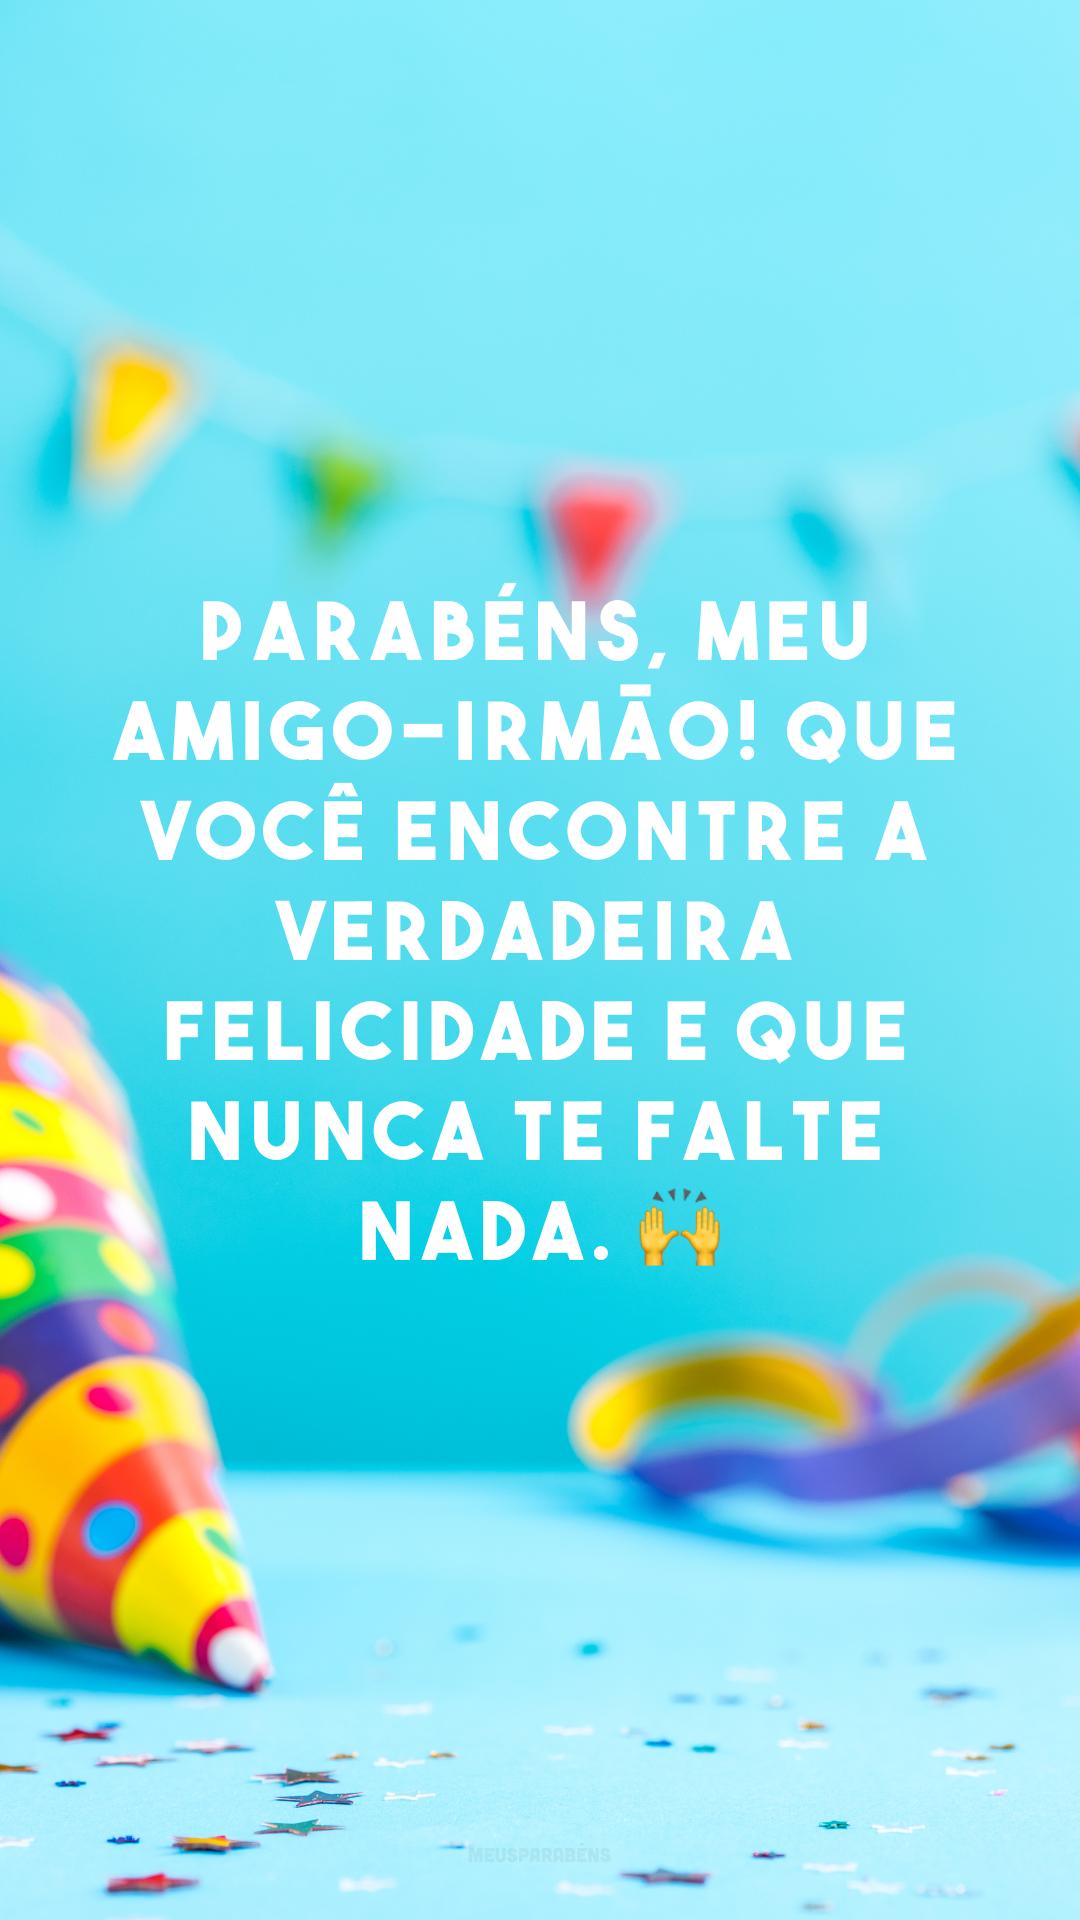 Parabéns, meu amigo-irmão! Que você encontre a verdadeira felicidade e que nunca te falte nada. 🙌